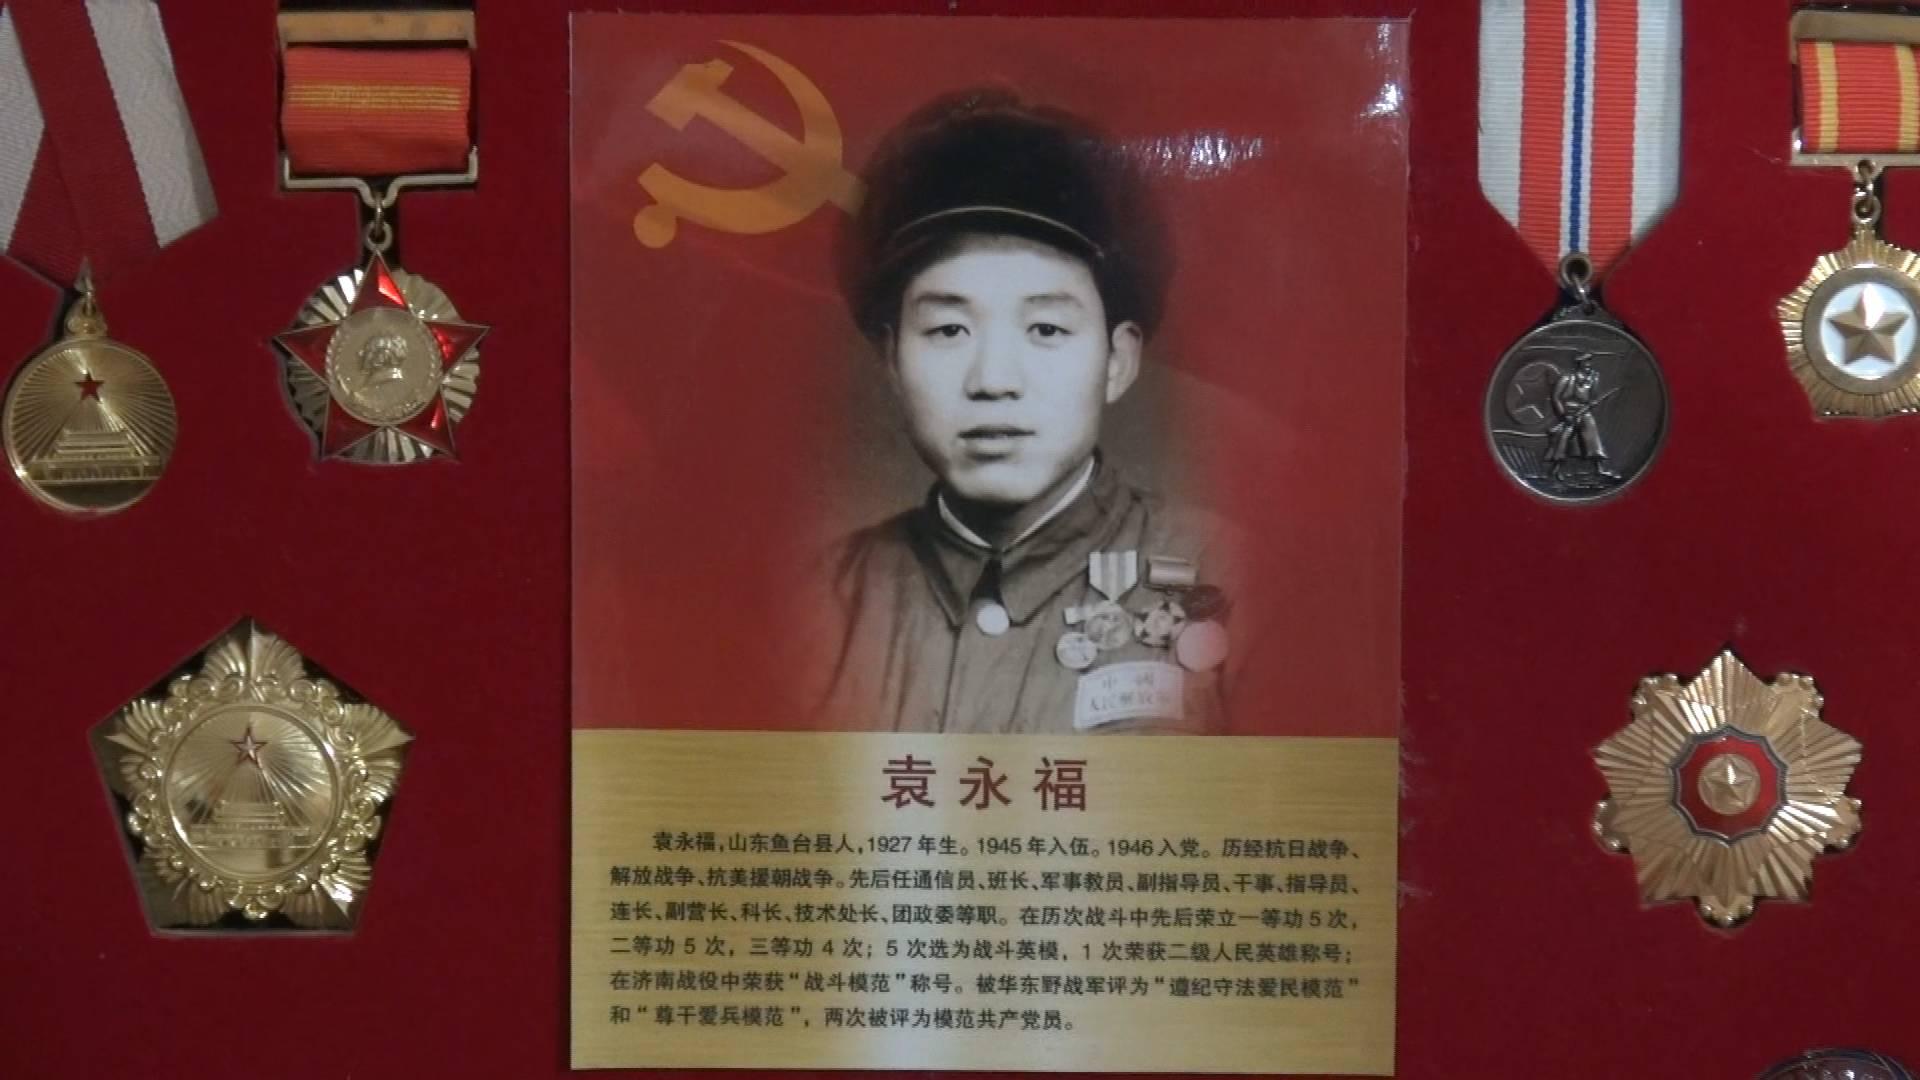 幸福生活晒一晒:老兵袁永福朋友圈里的第一个国庆节